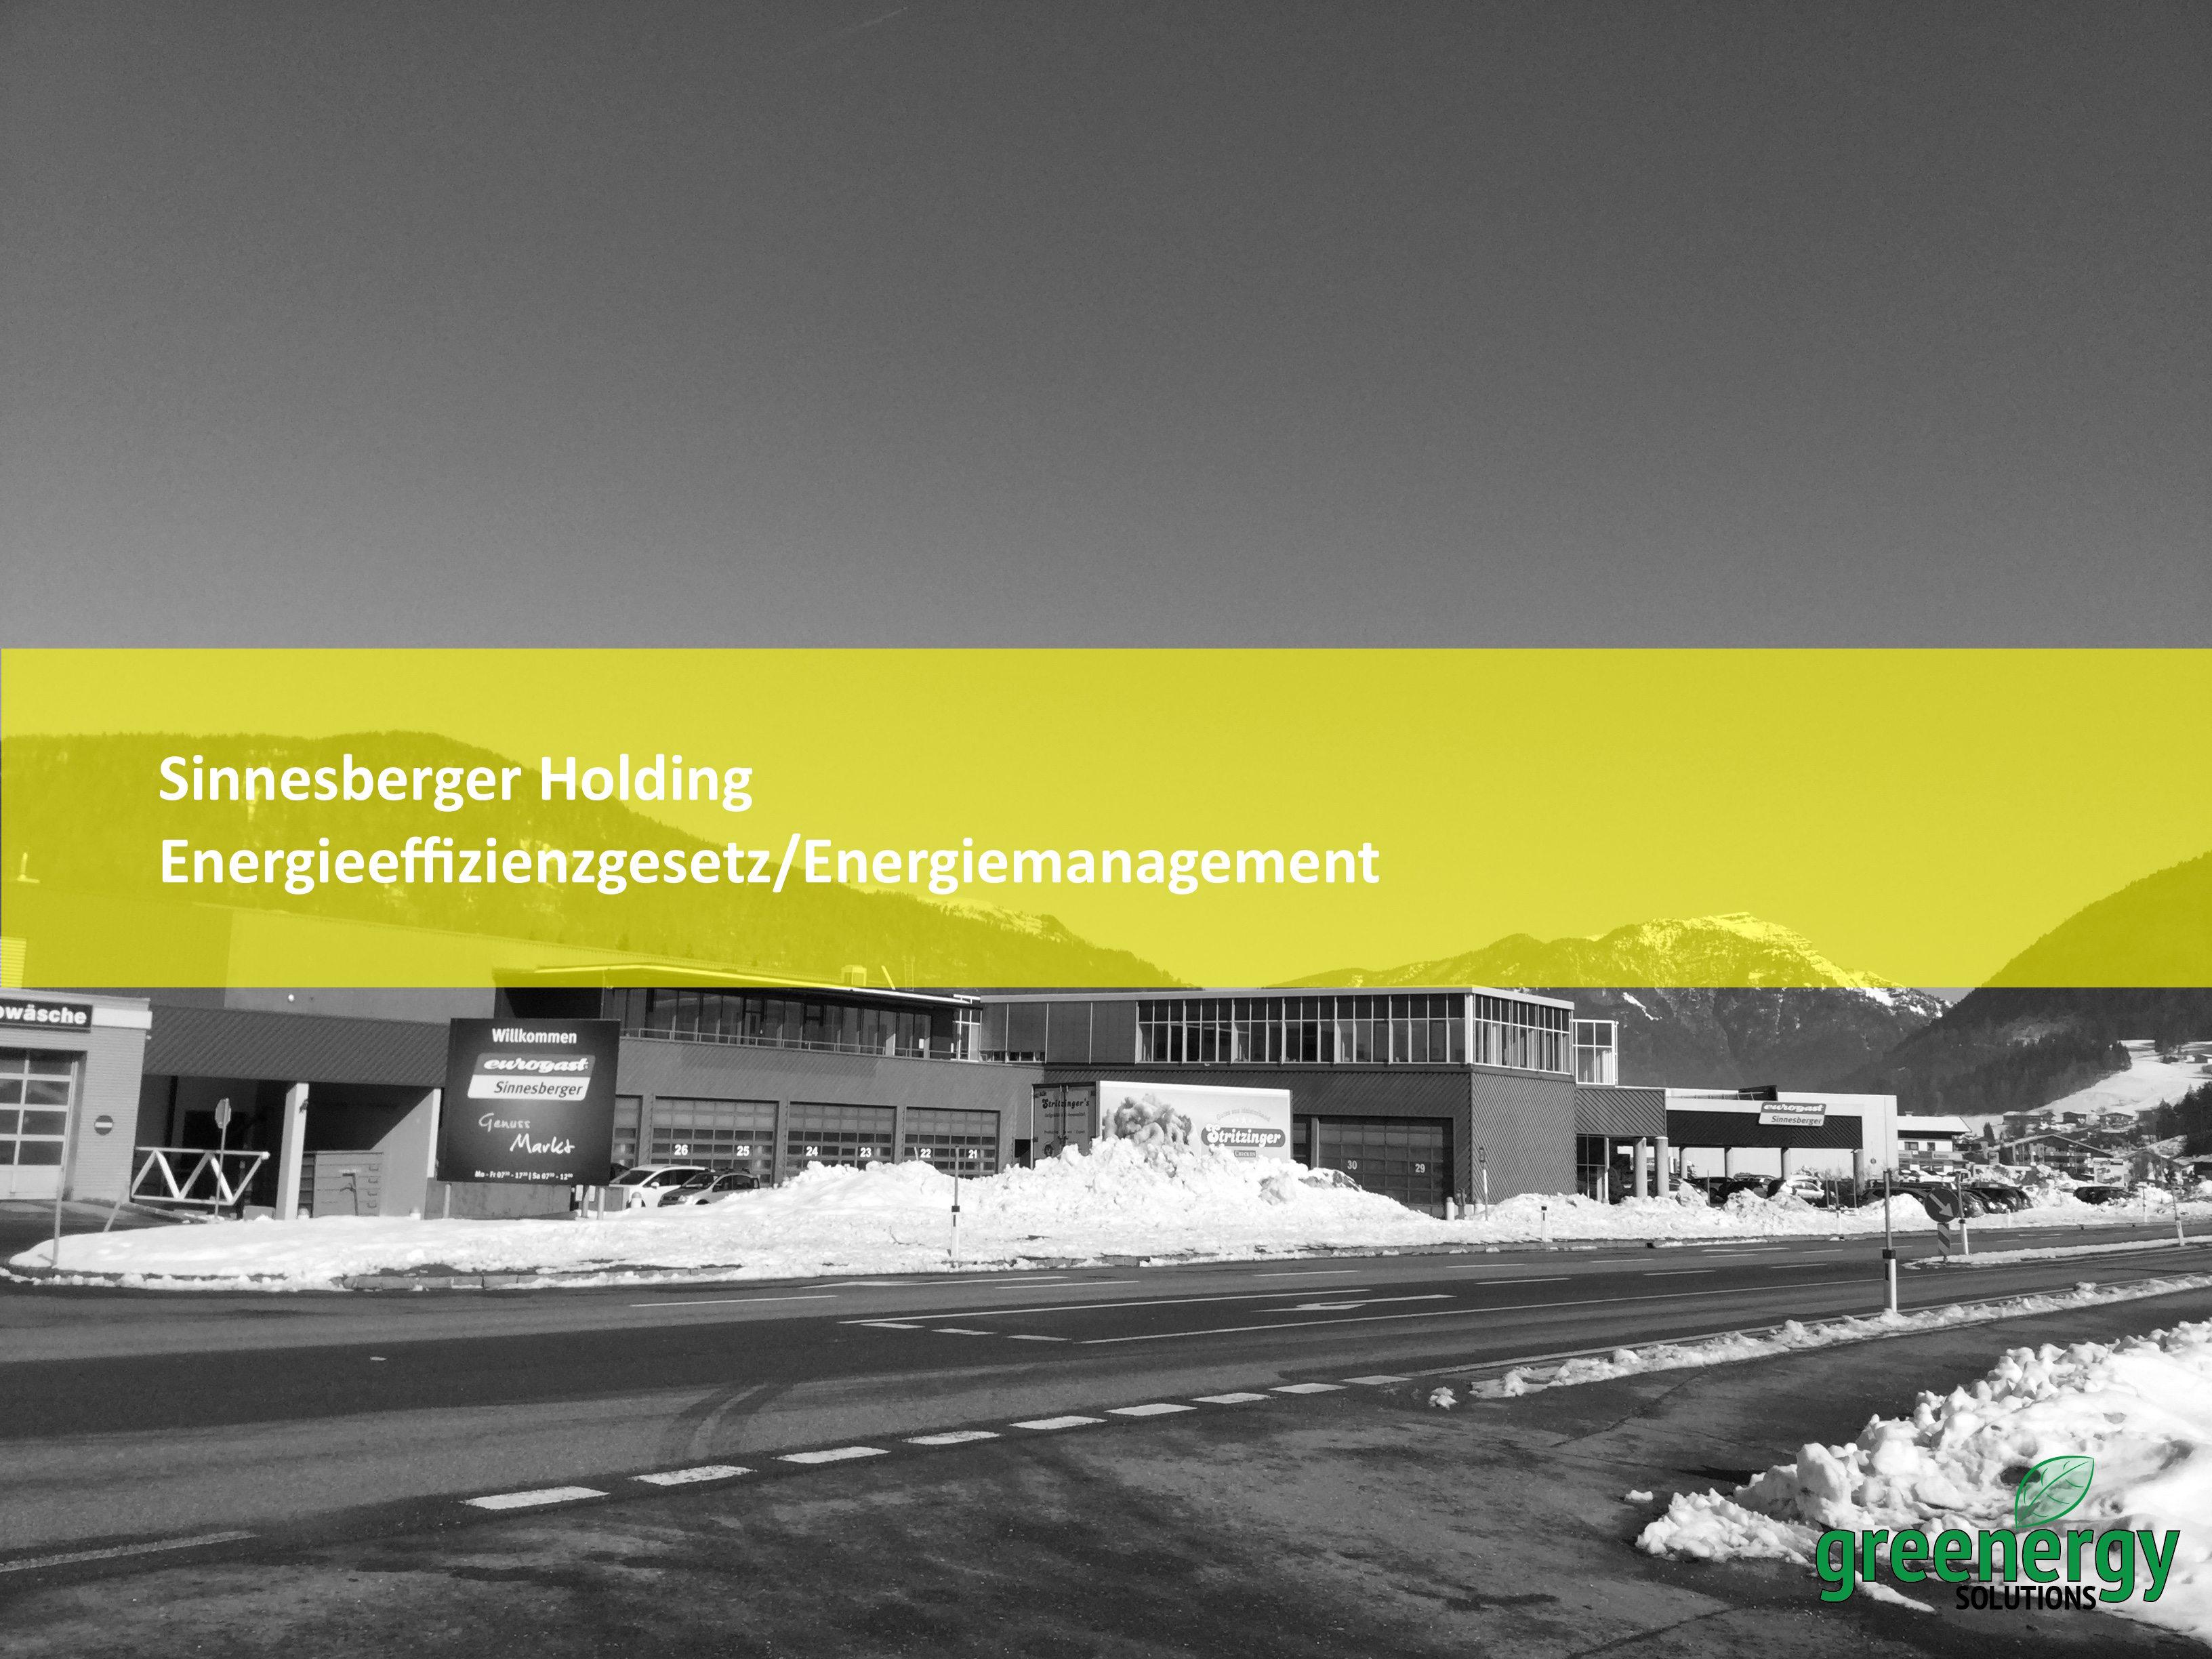 Energieeffizienzgesetz Sinnesberger Holding